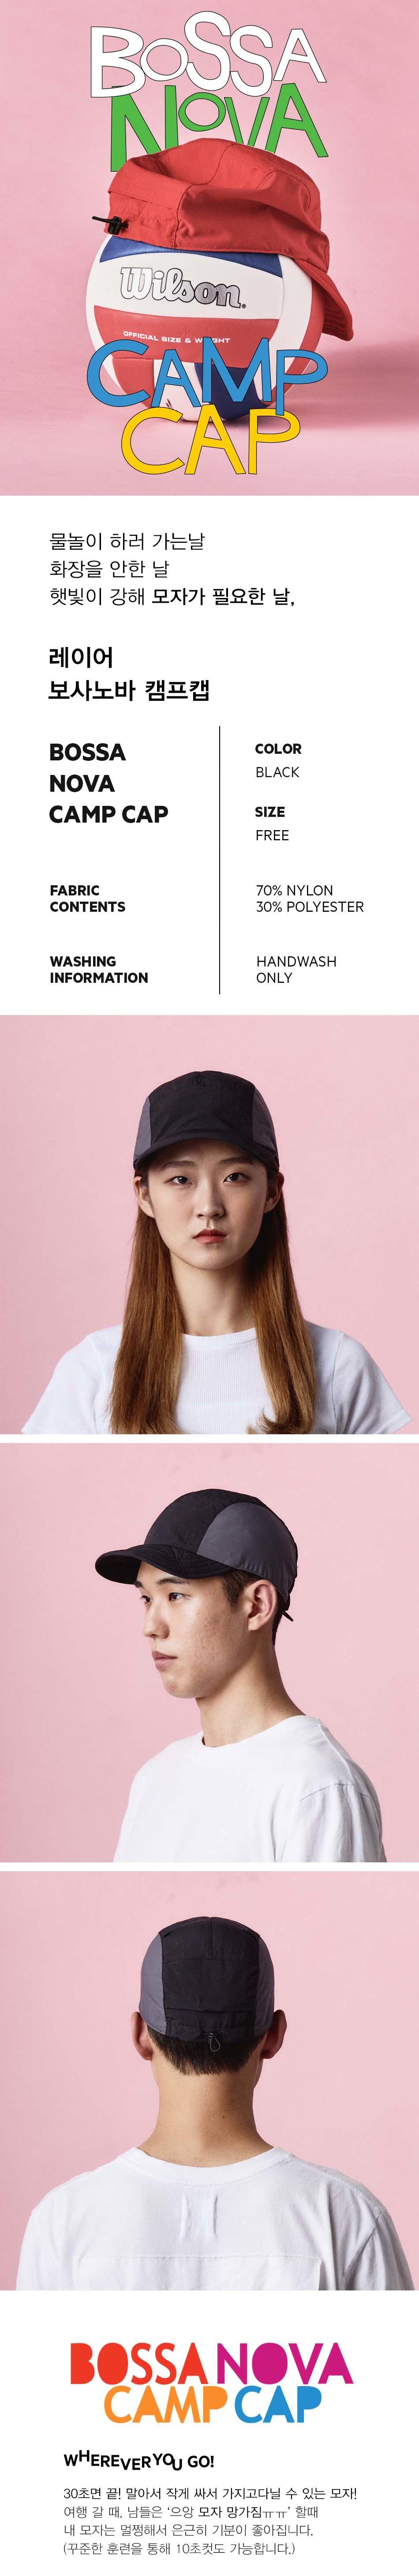 레이어(Leiur) 보사노바 캠프캡 모자